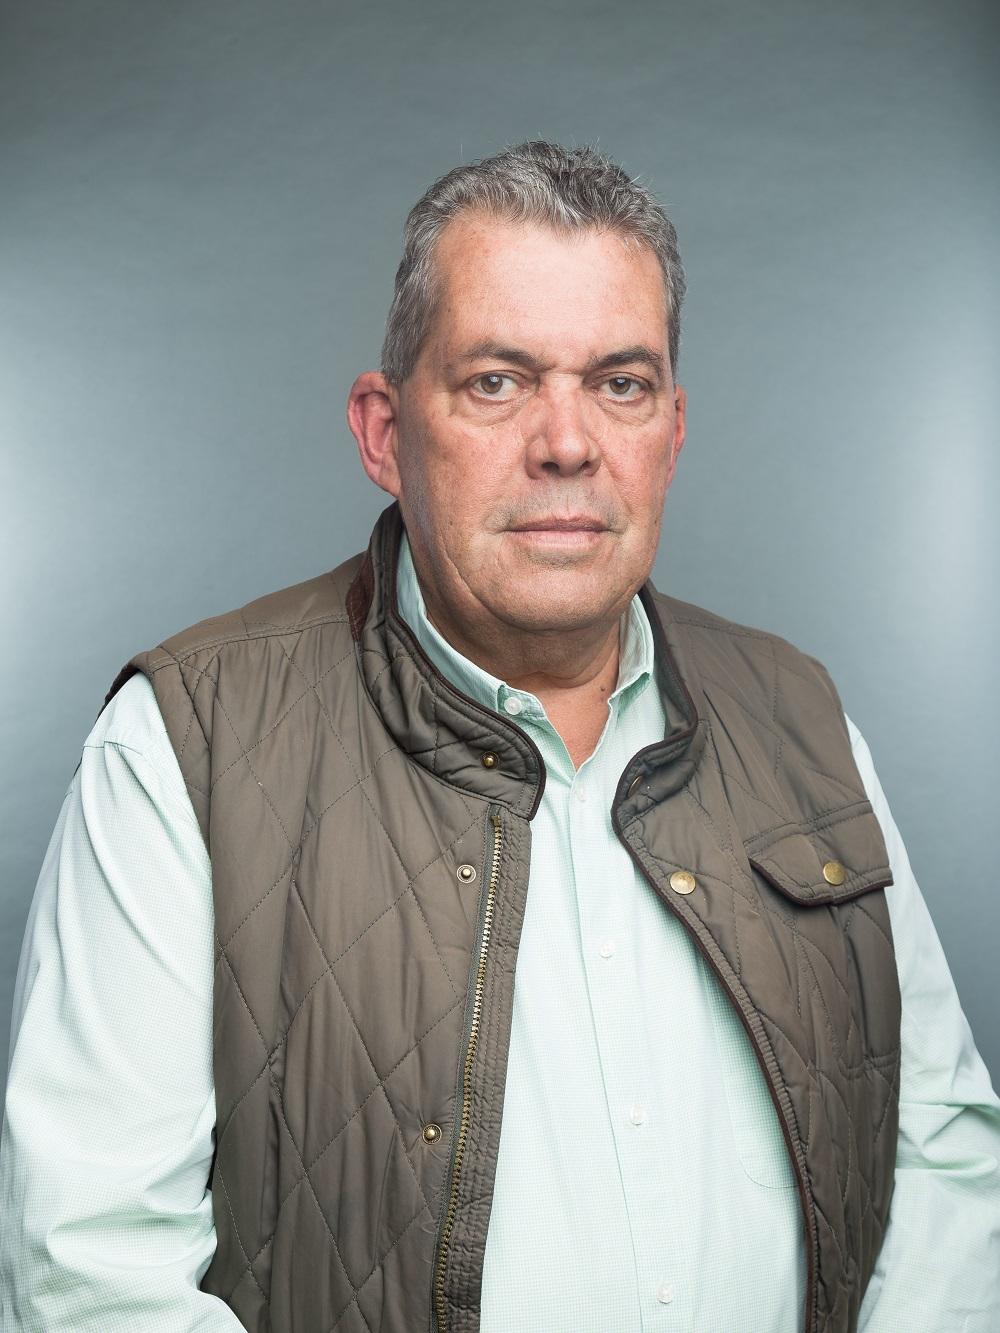 Gregorio Peñate Peñate